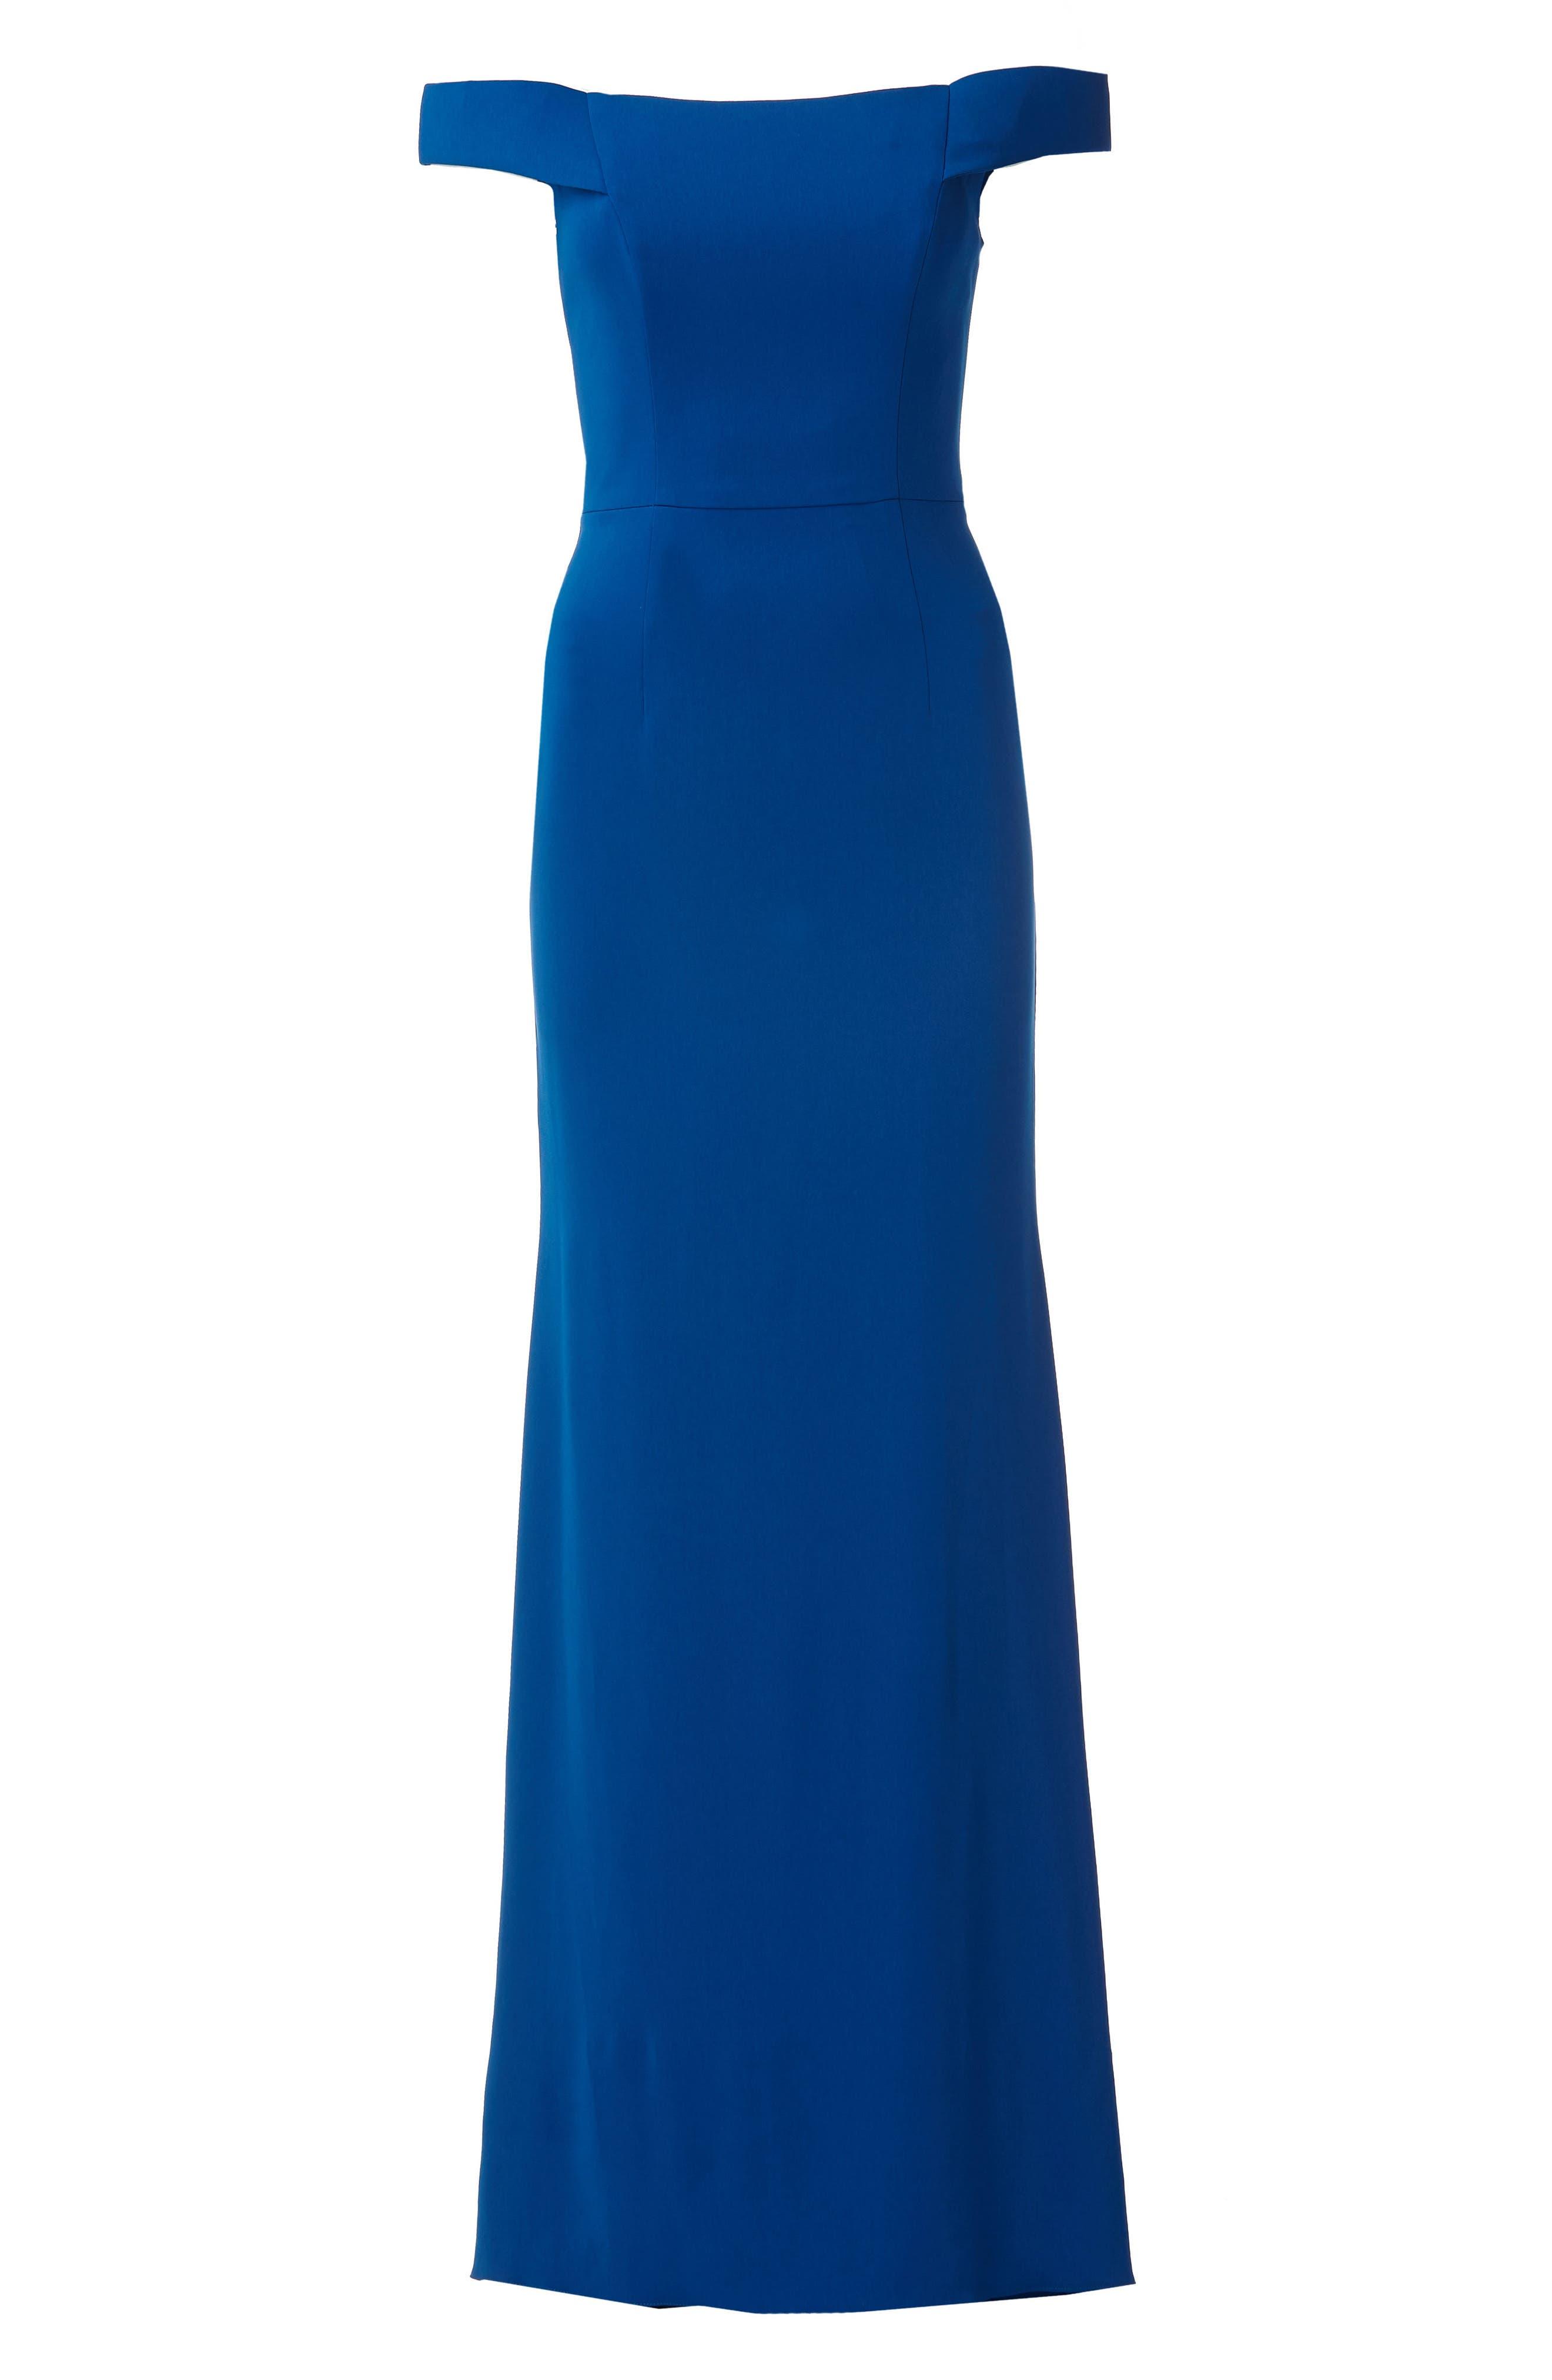 Carmen Marc Valvo Crepe Gown,                             Alternate thumbnail 5, color,                             Sapphire